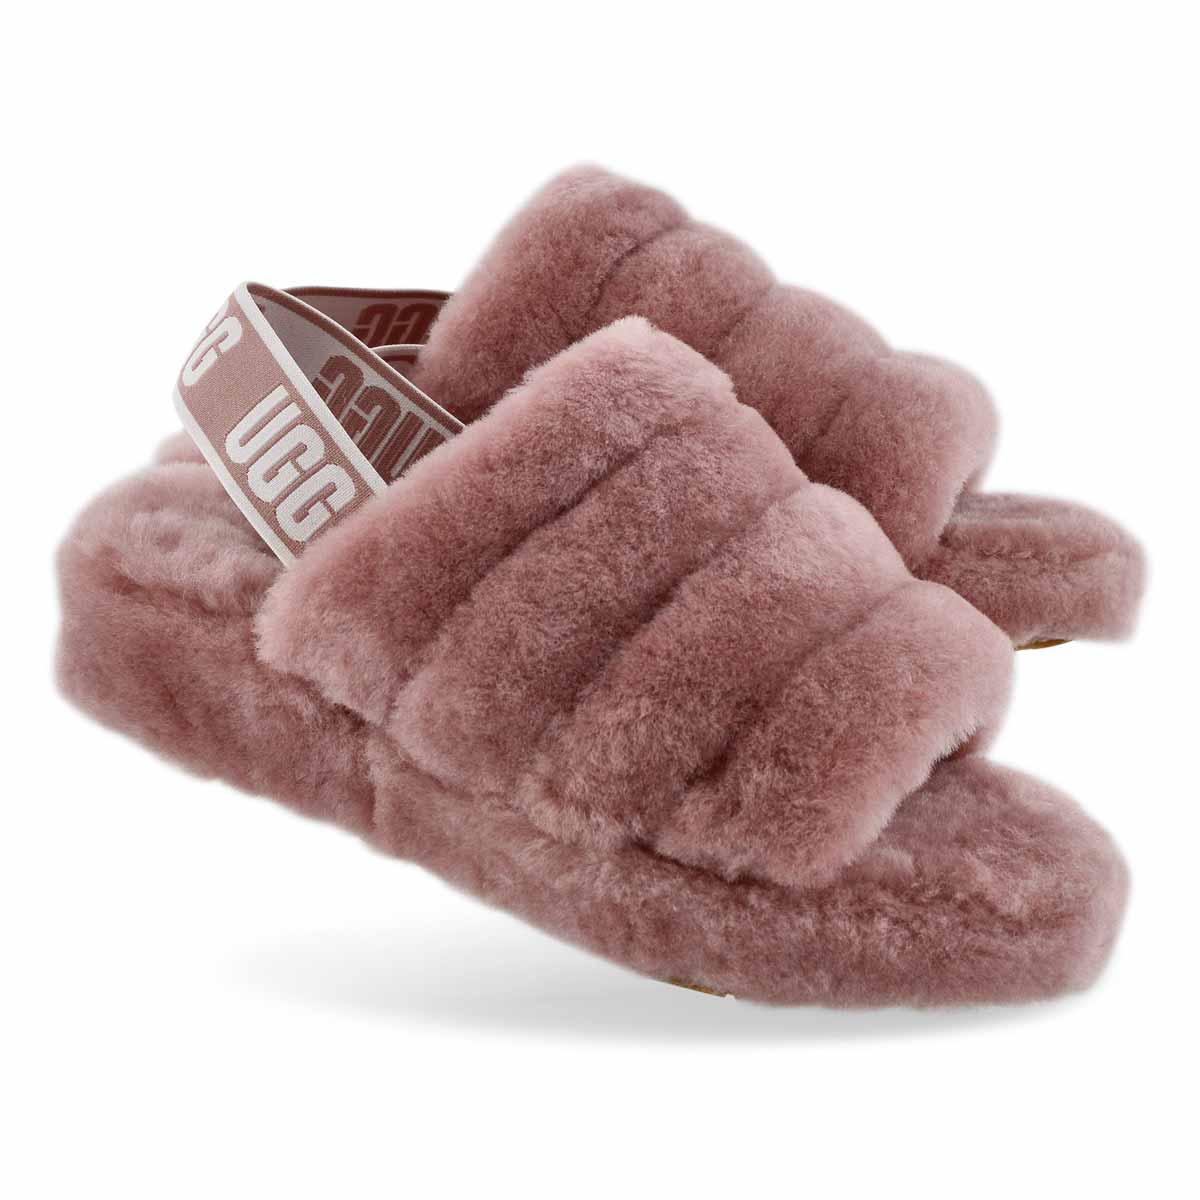 221b3a3e242 Women's FLUFF YEAH pink sheepskin slippers